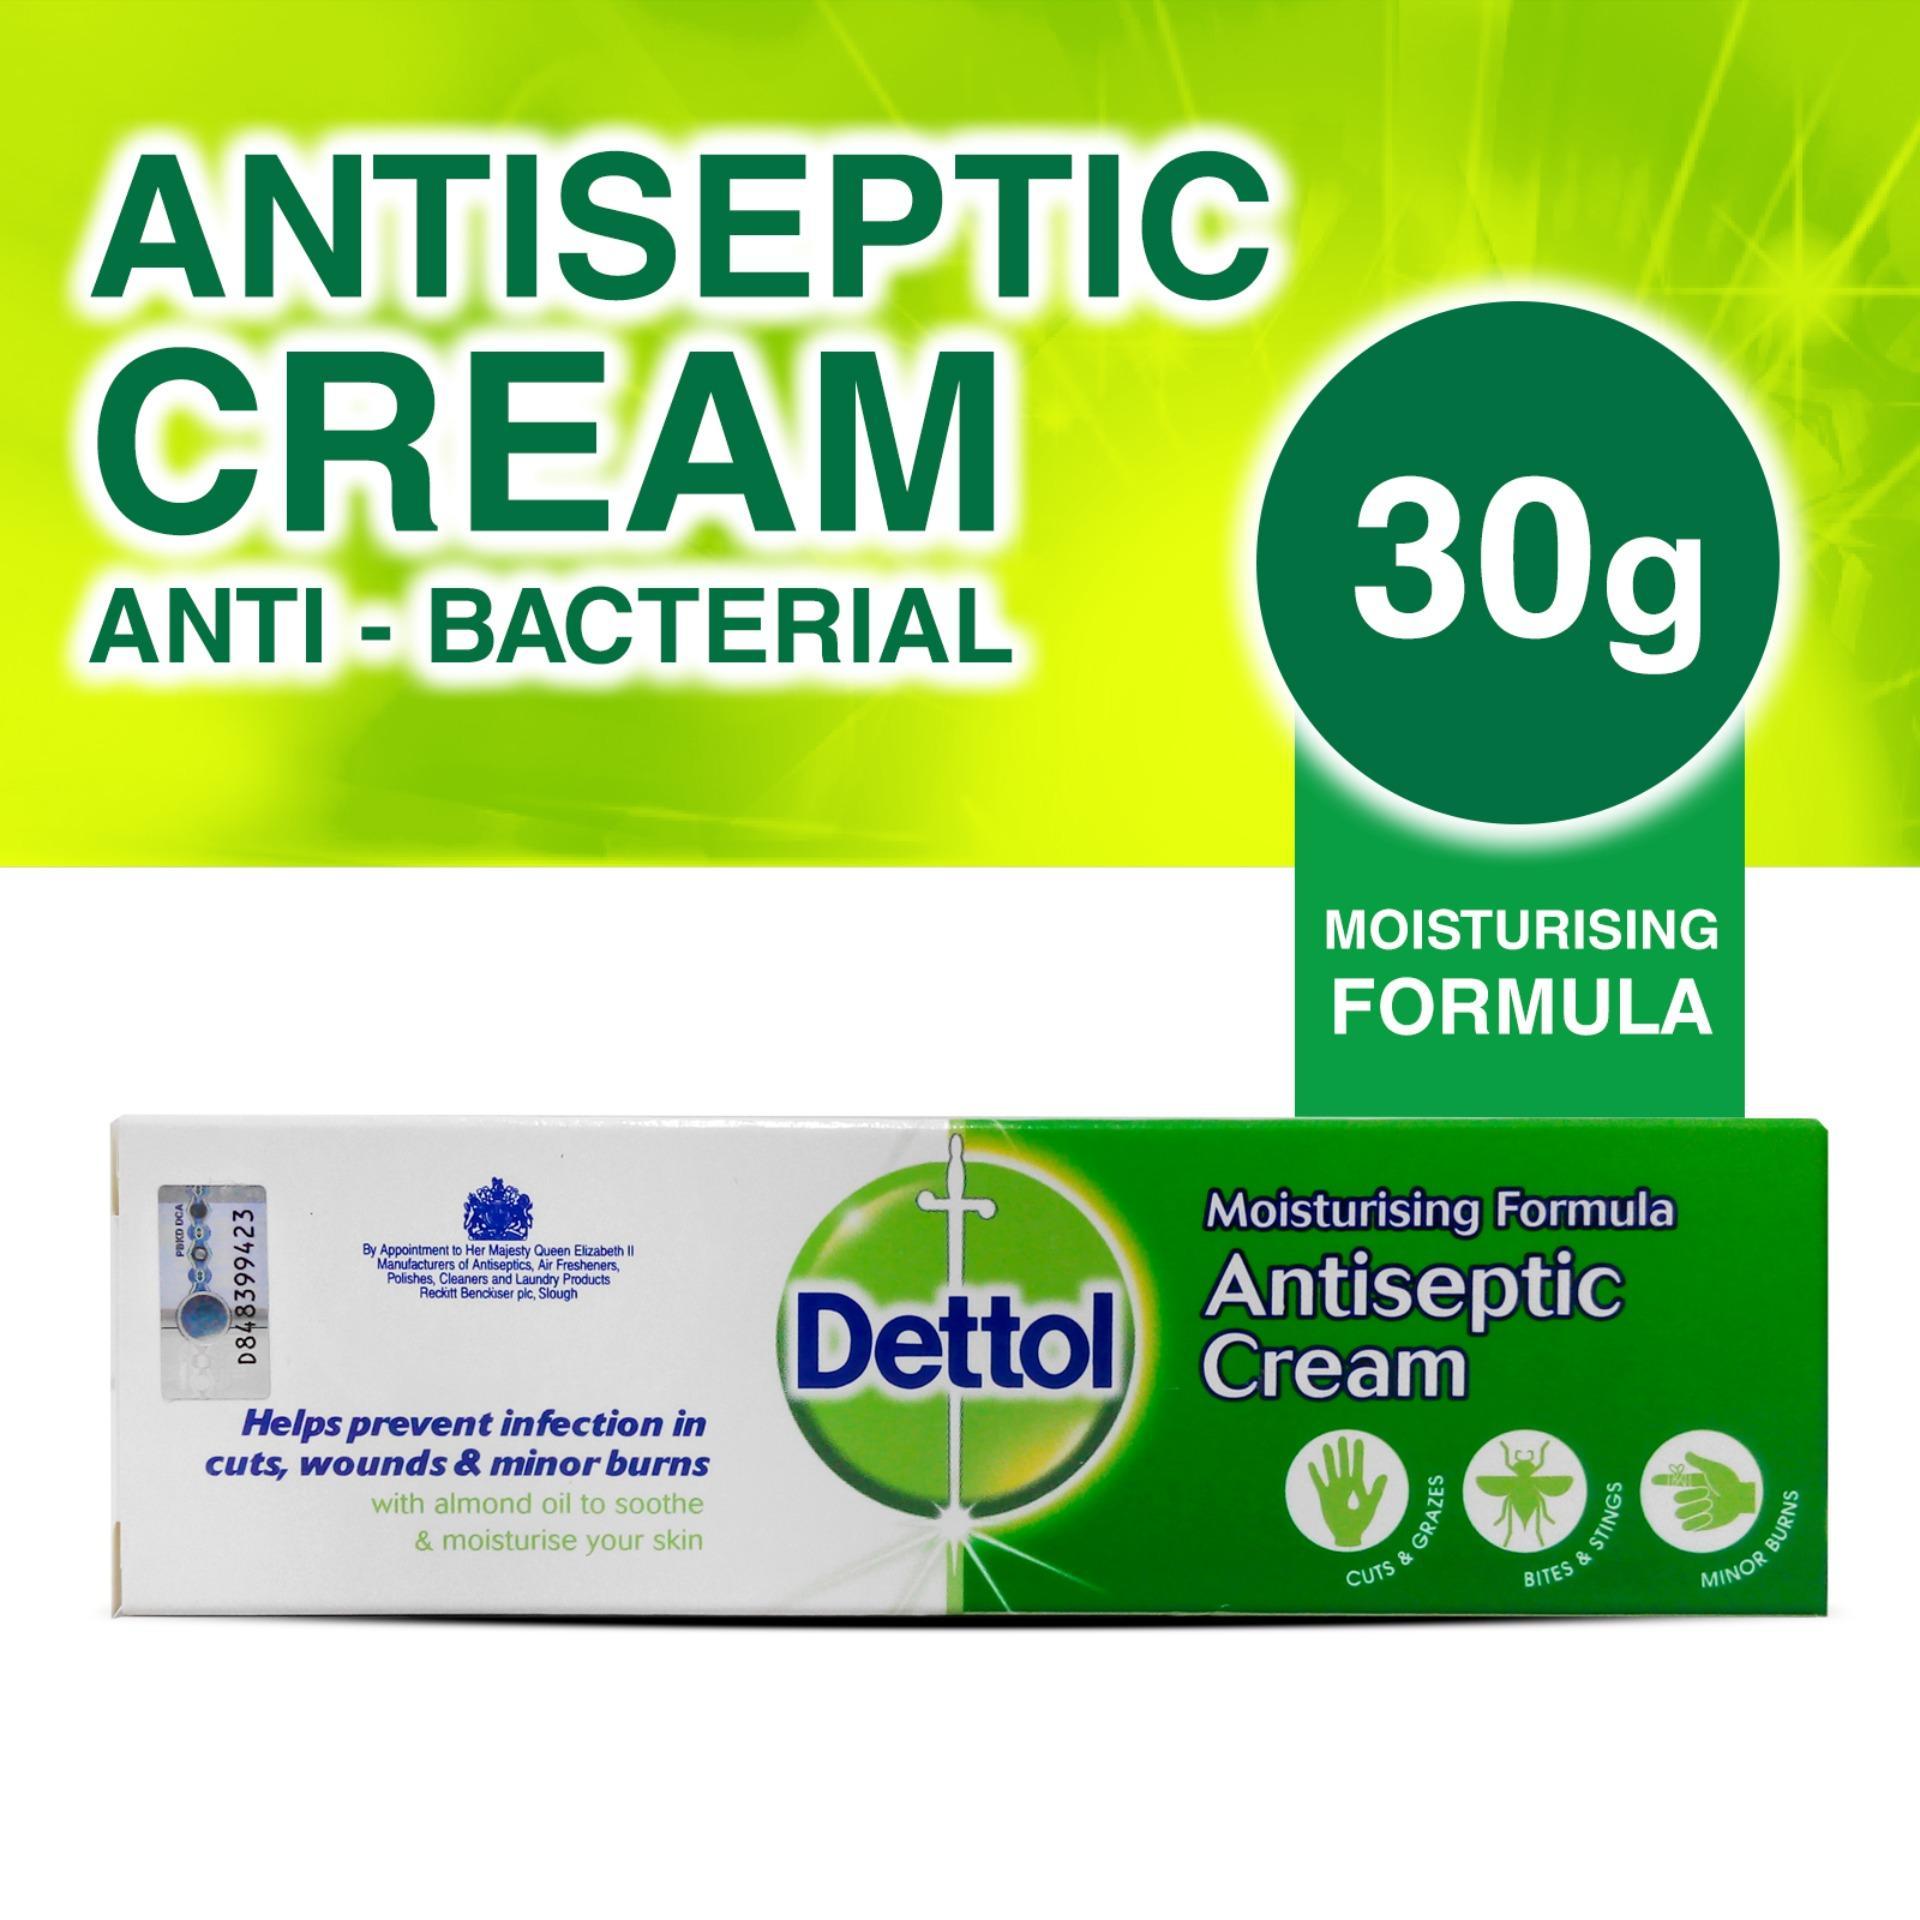 Dettol Moisturising Antiseptic Cream 30g By Dettol.